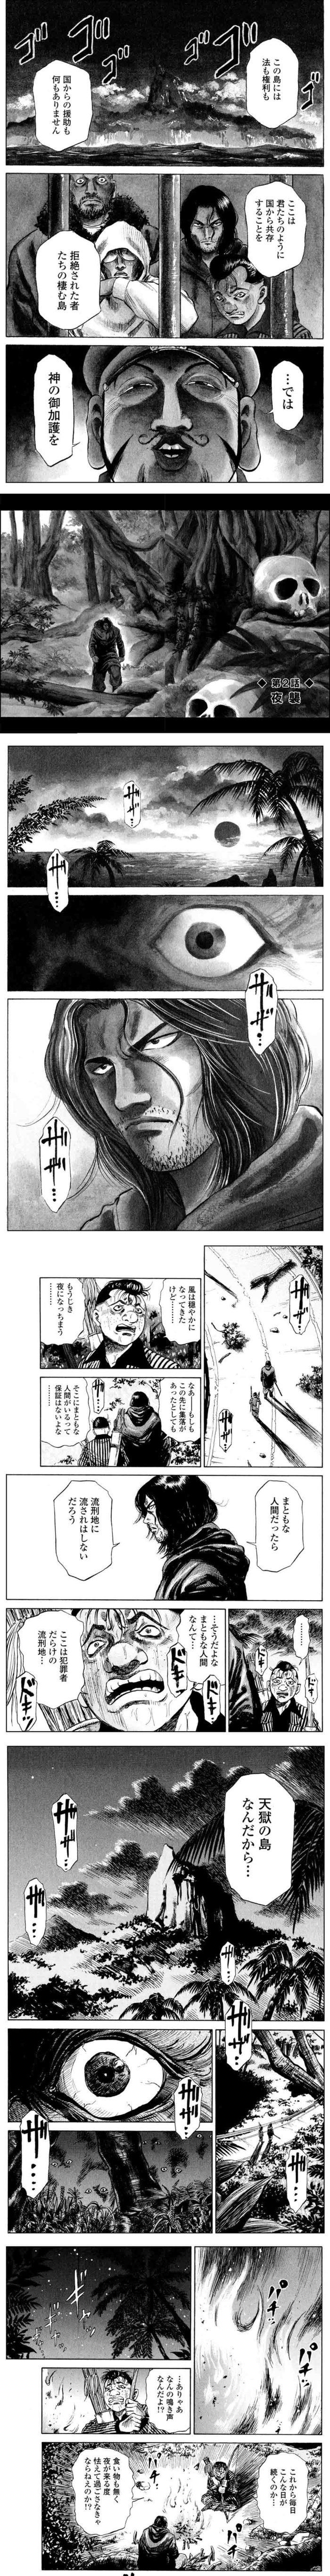 tengokuno-shima02-01